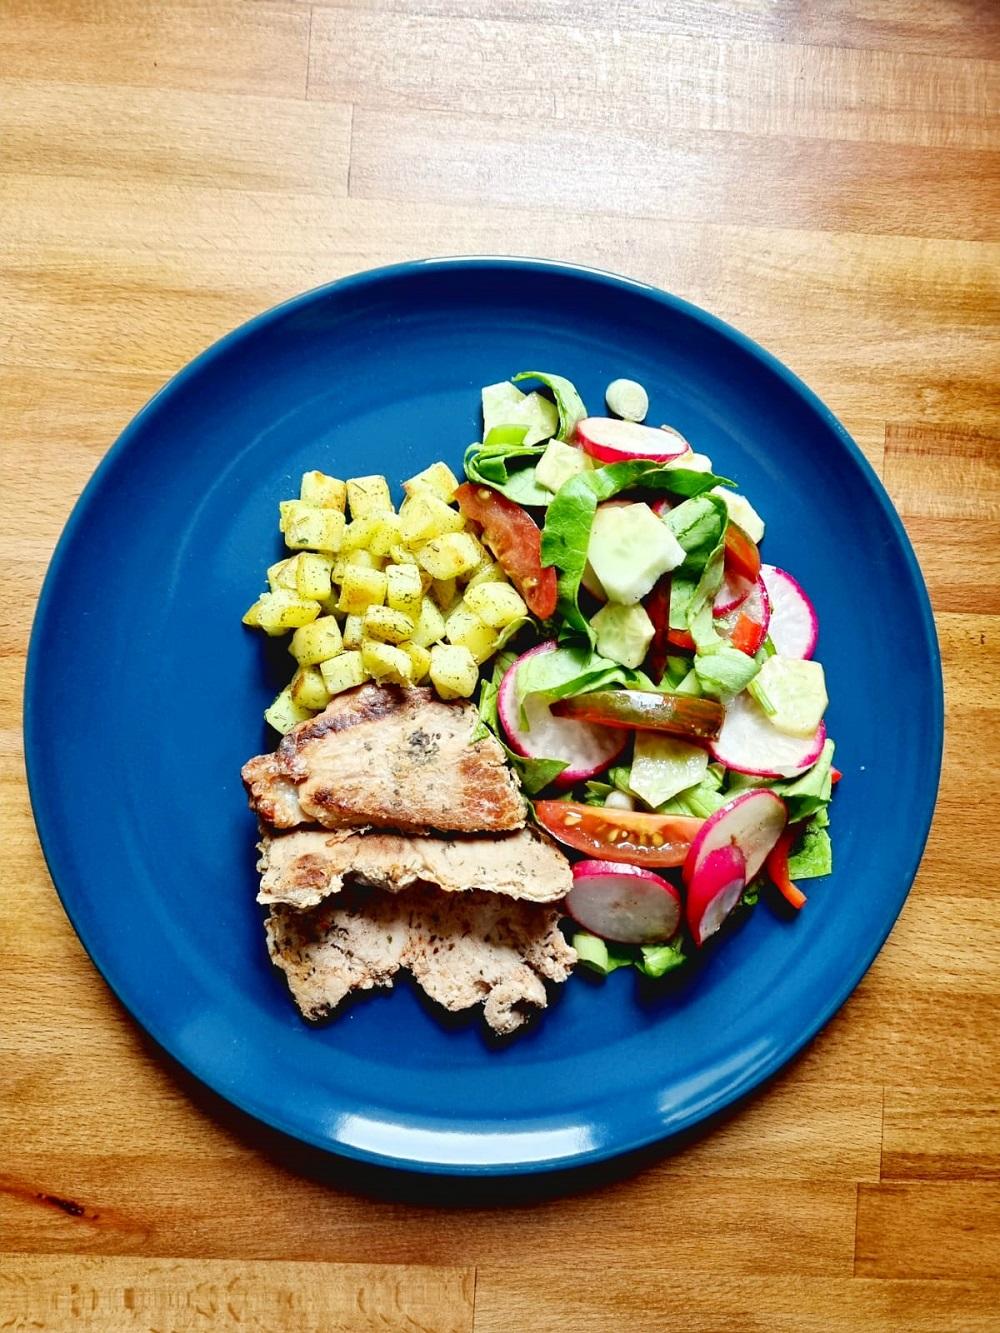 Raportul de macronutrienți contează mai mult decât calitatea dietei – mituri despre nutriţie demontate